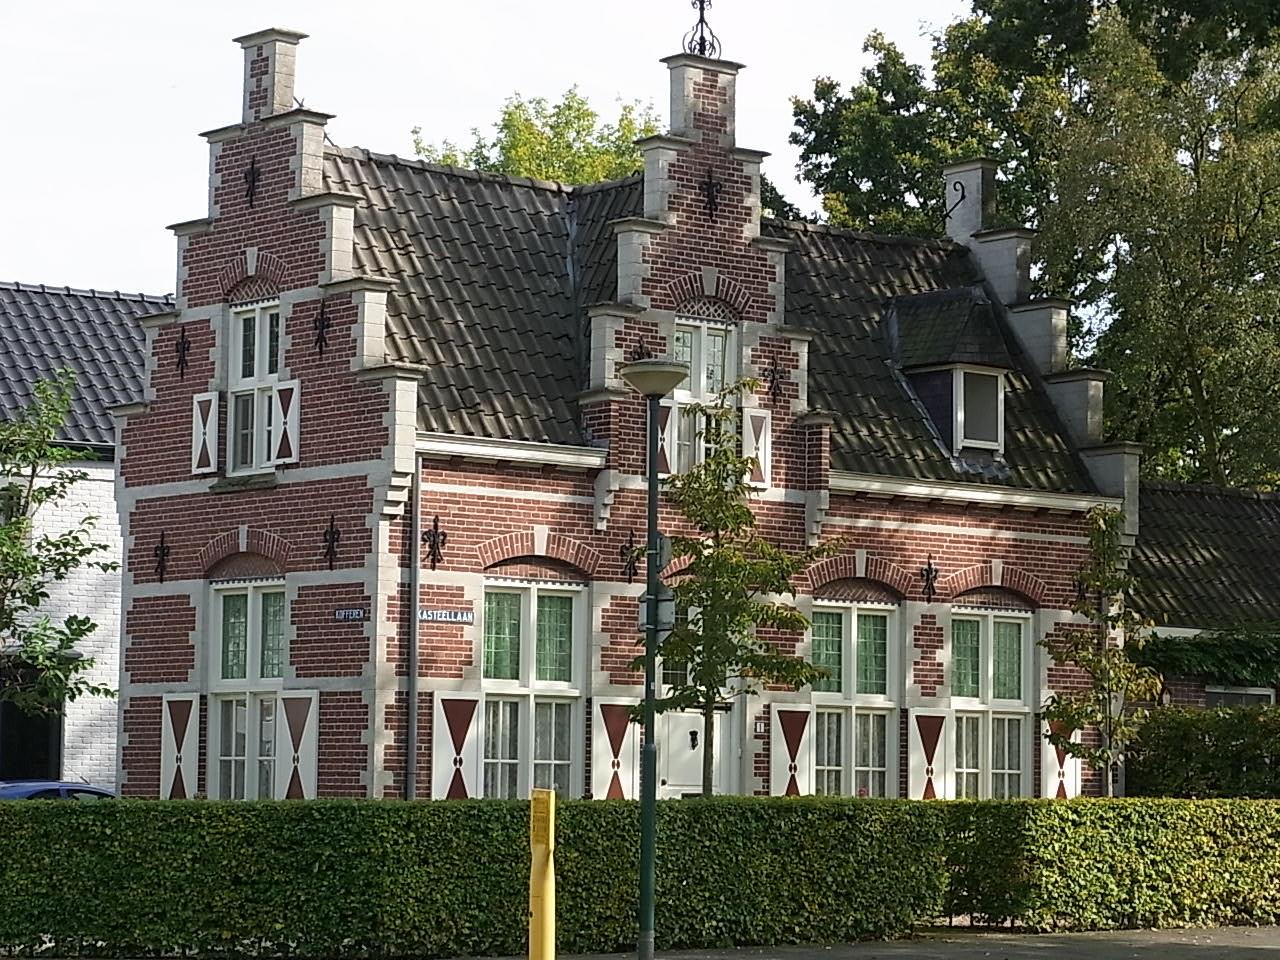 Schöne, eindrucksvolle Häuser